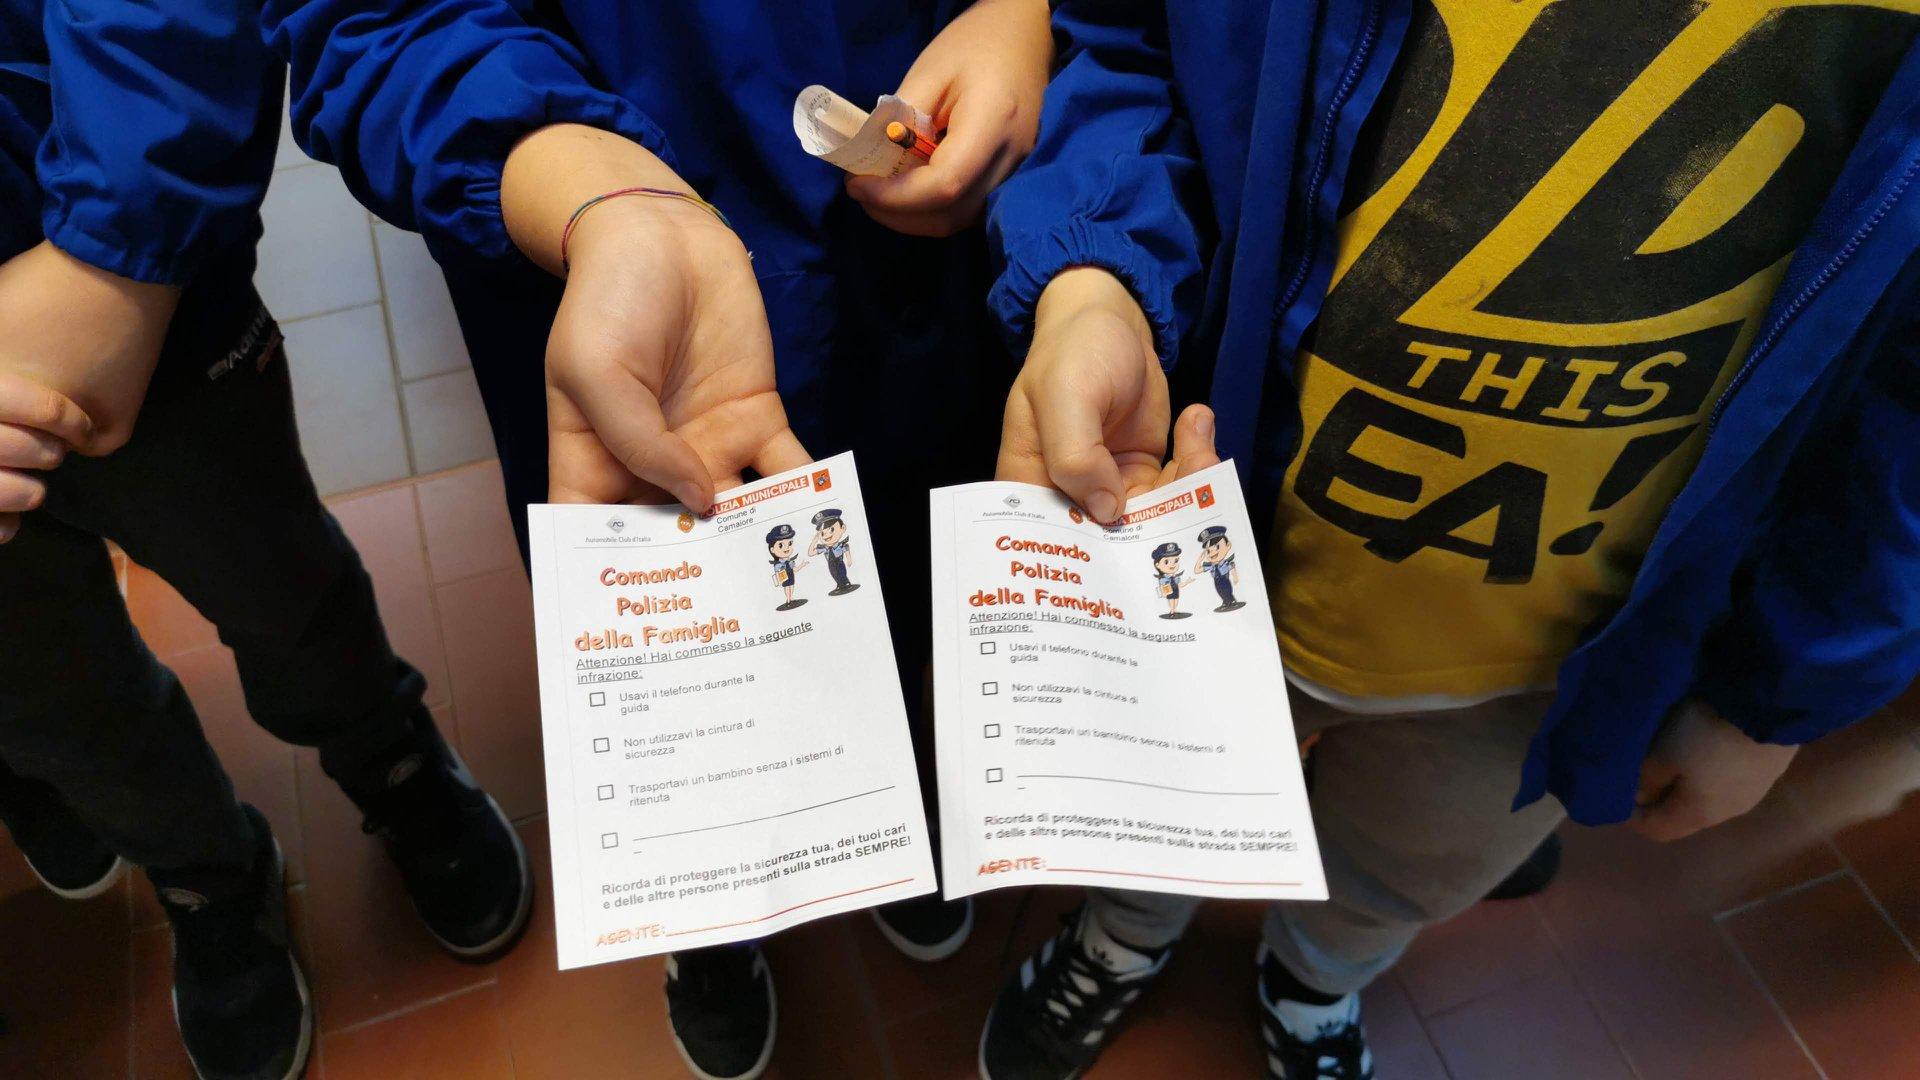 Sicurezza stradale a Capezzano Pianore: i bambini multano gli adulti che non rispettano il codice della strada